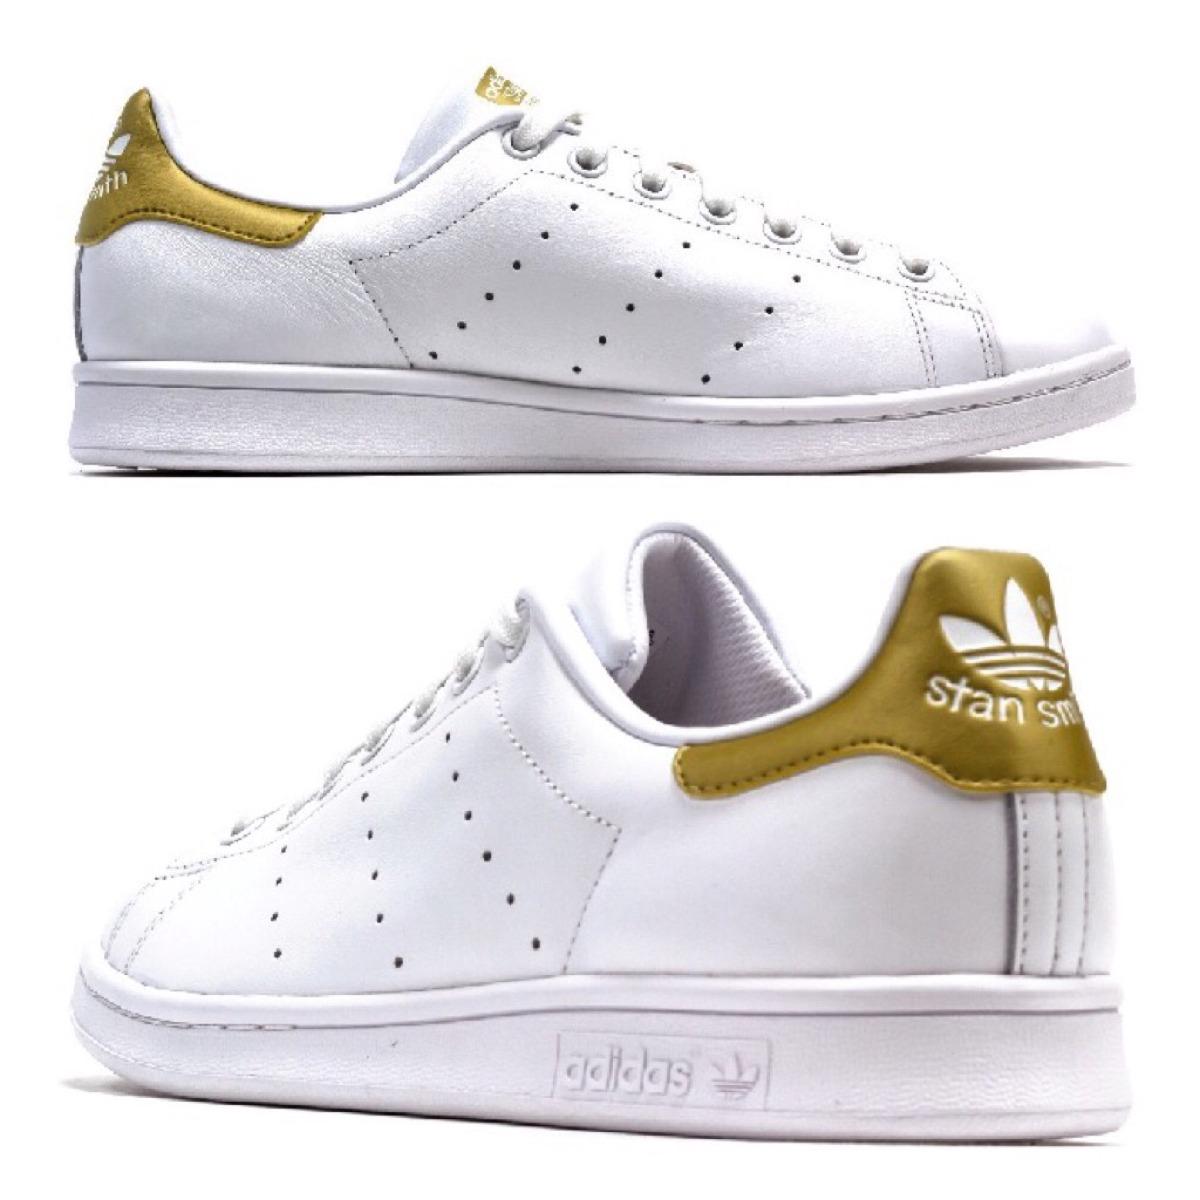 adidas stan smith blanco y dorado